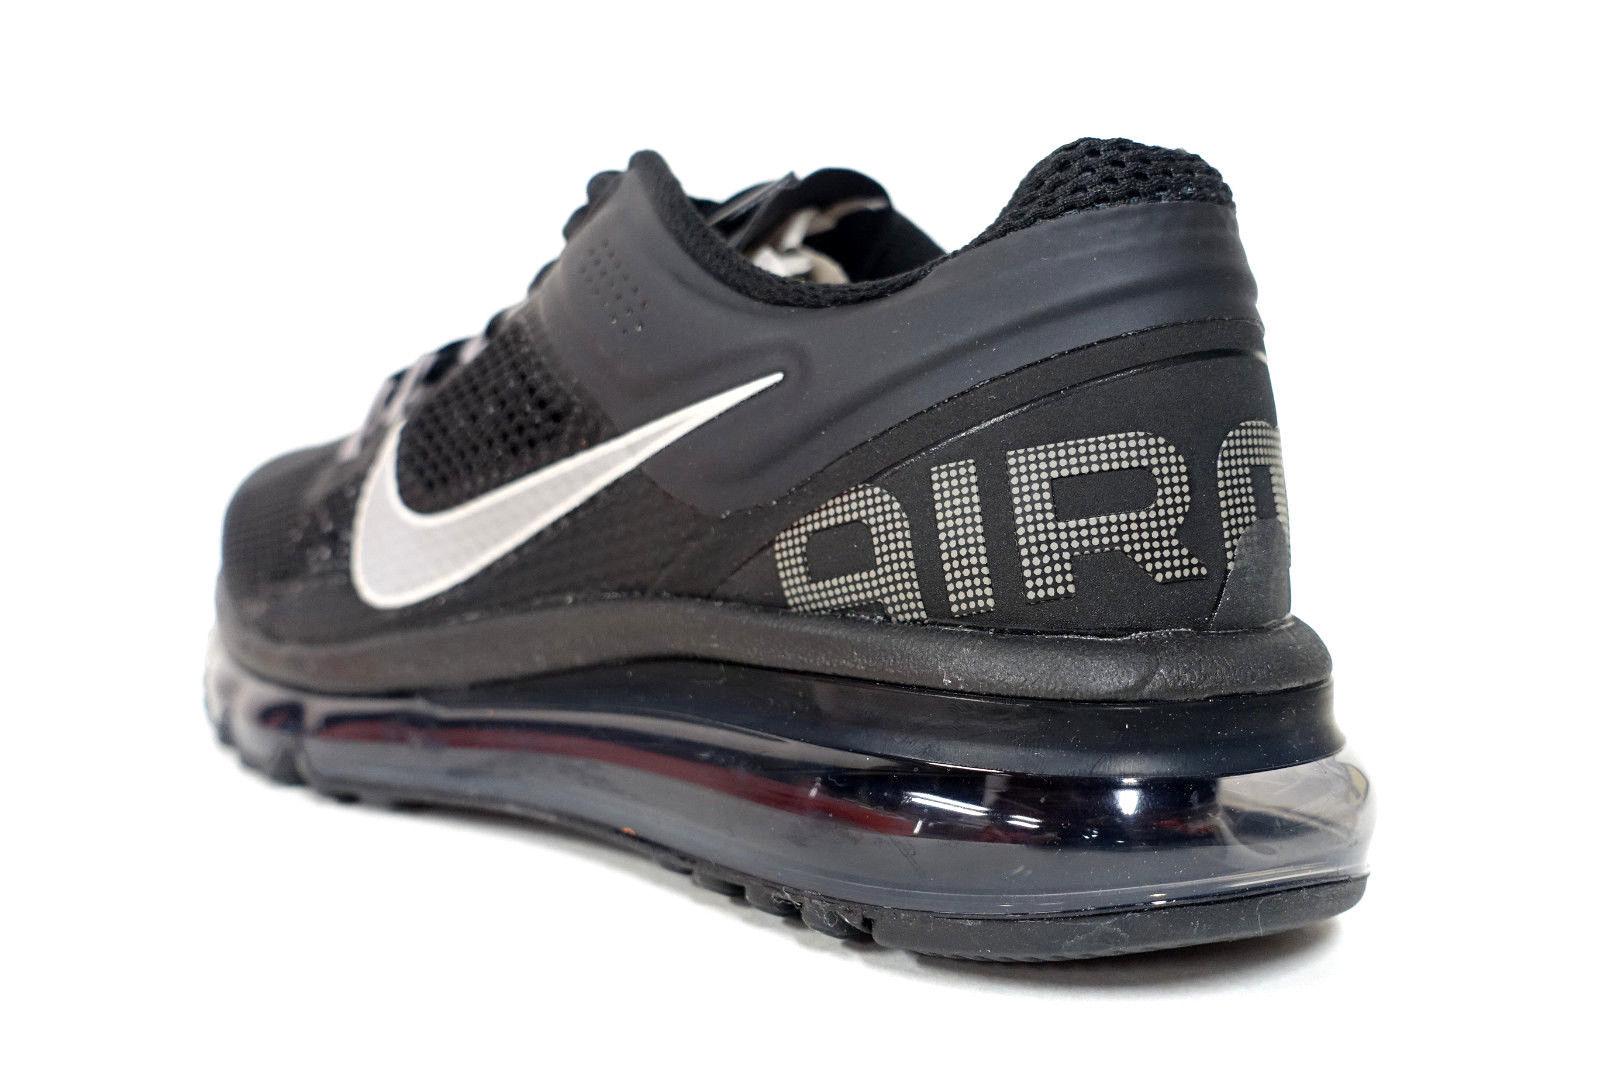 69e12890bea3 NIKE pour FEMMES Air Max + 2013 Chaussures Pointure 7 Noir Gris Argenté  555363